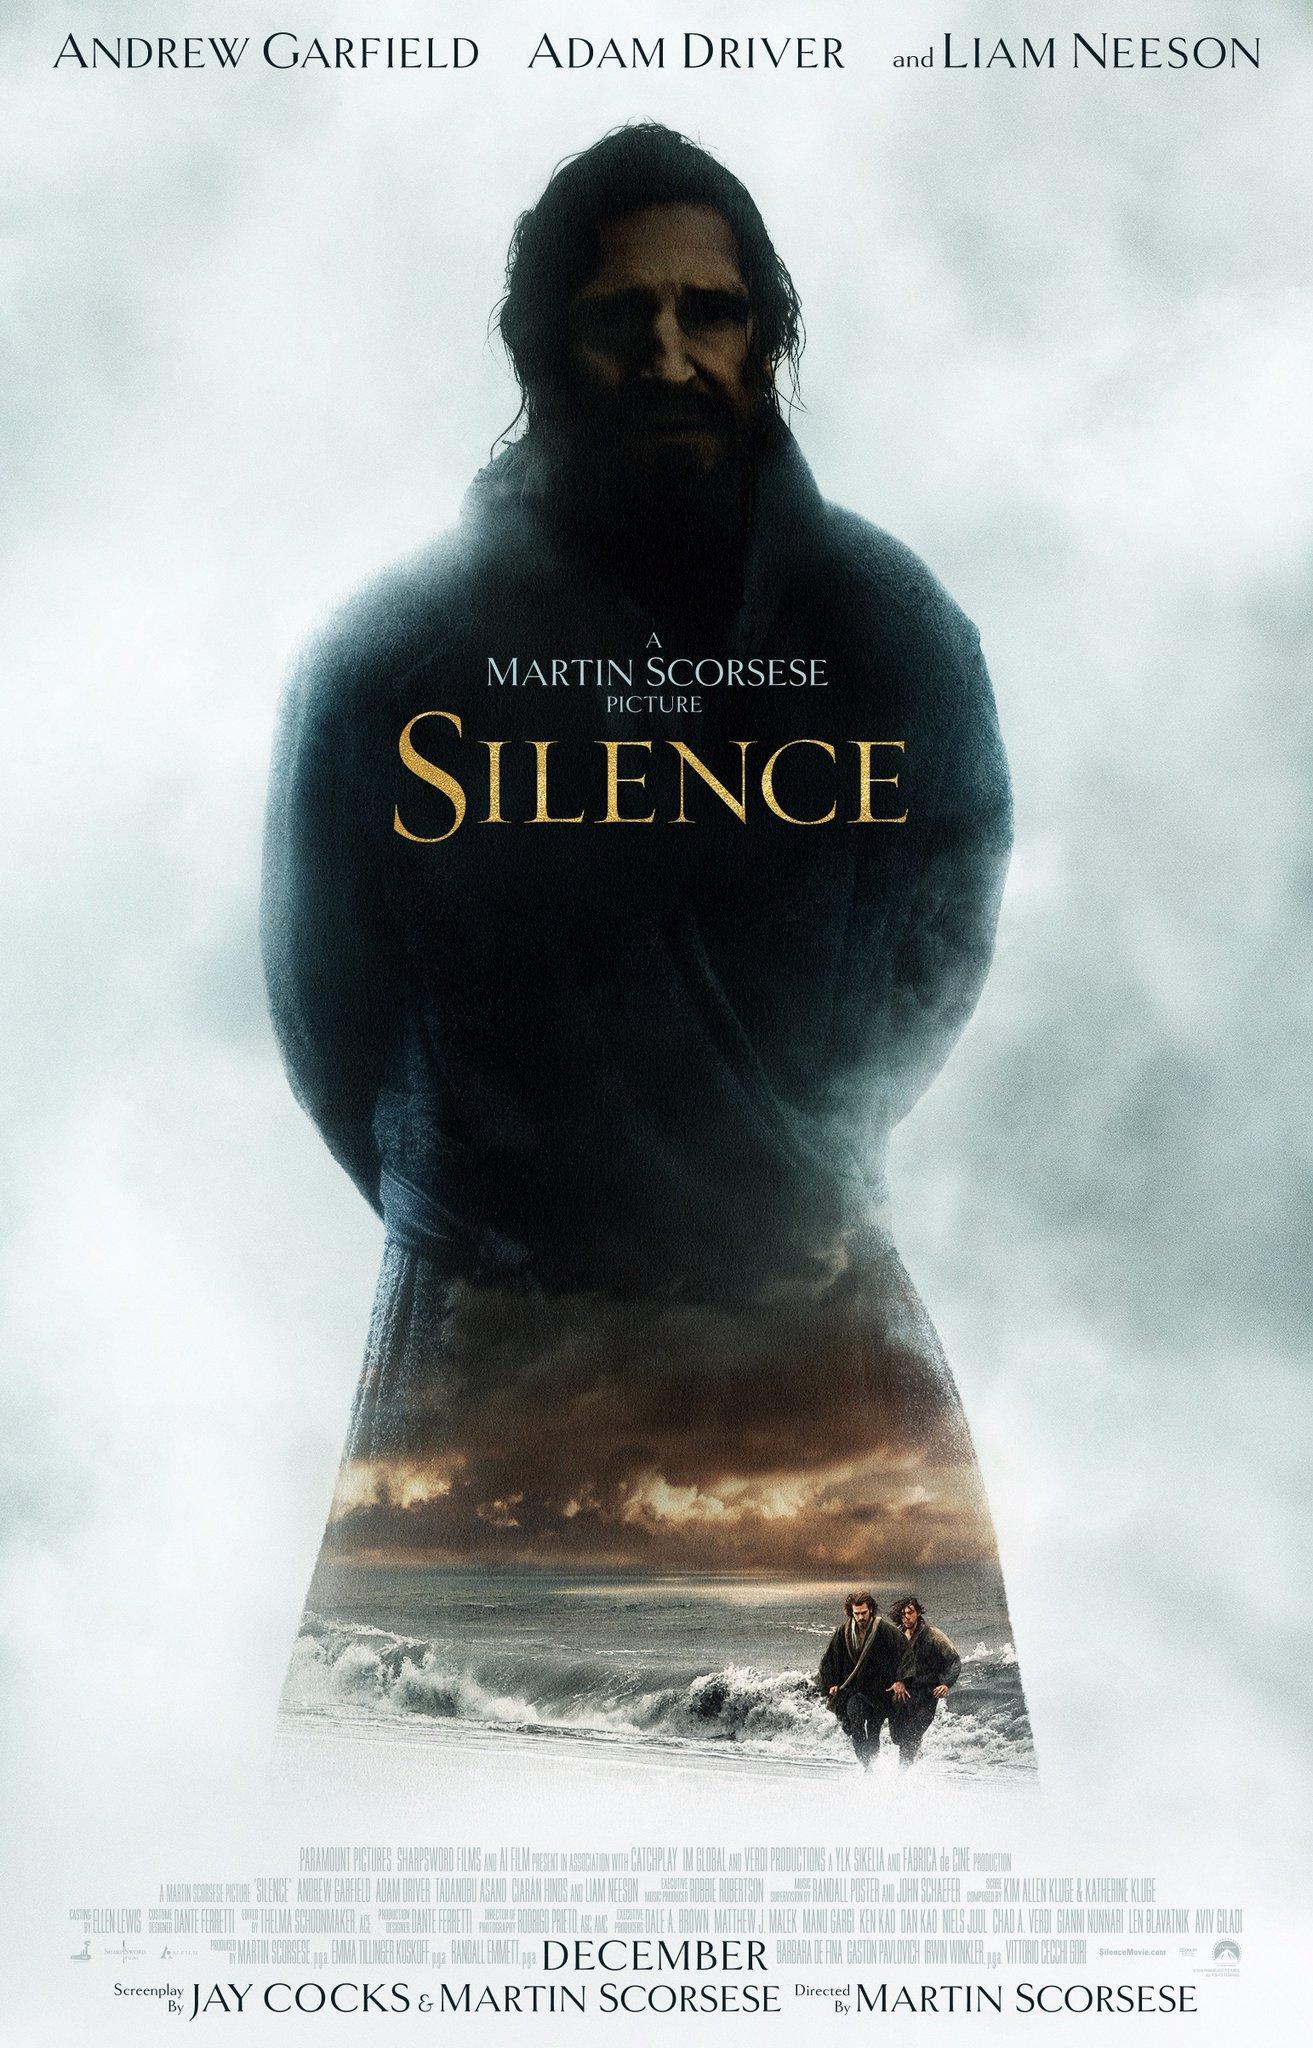 Episode 352: Silence